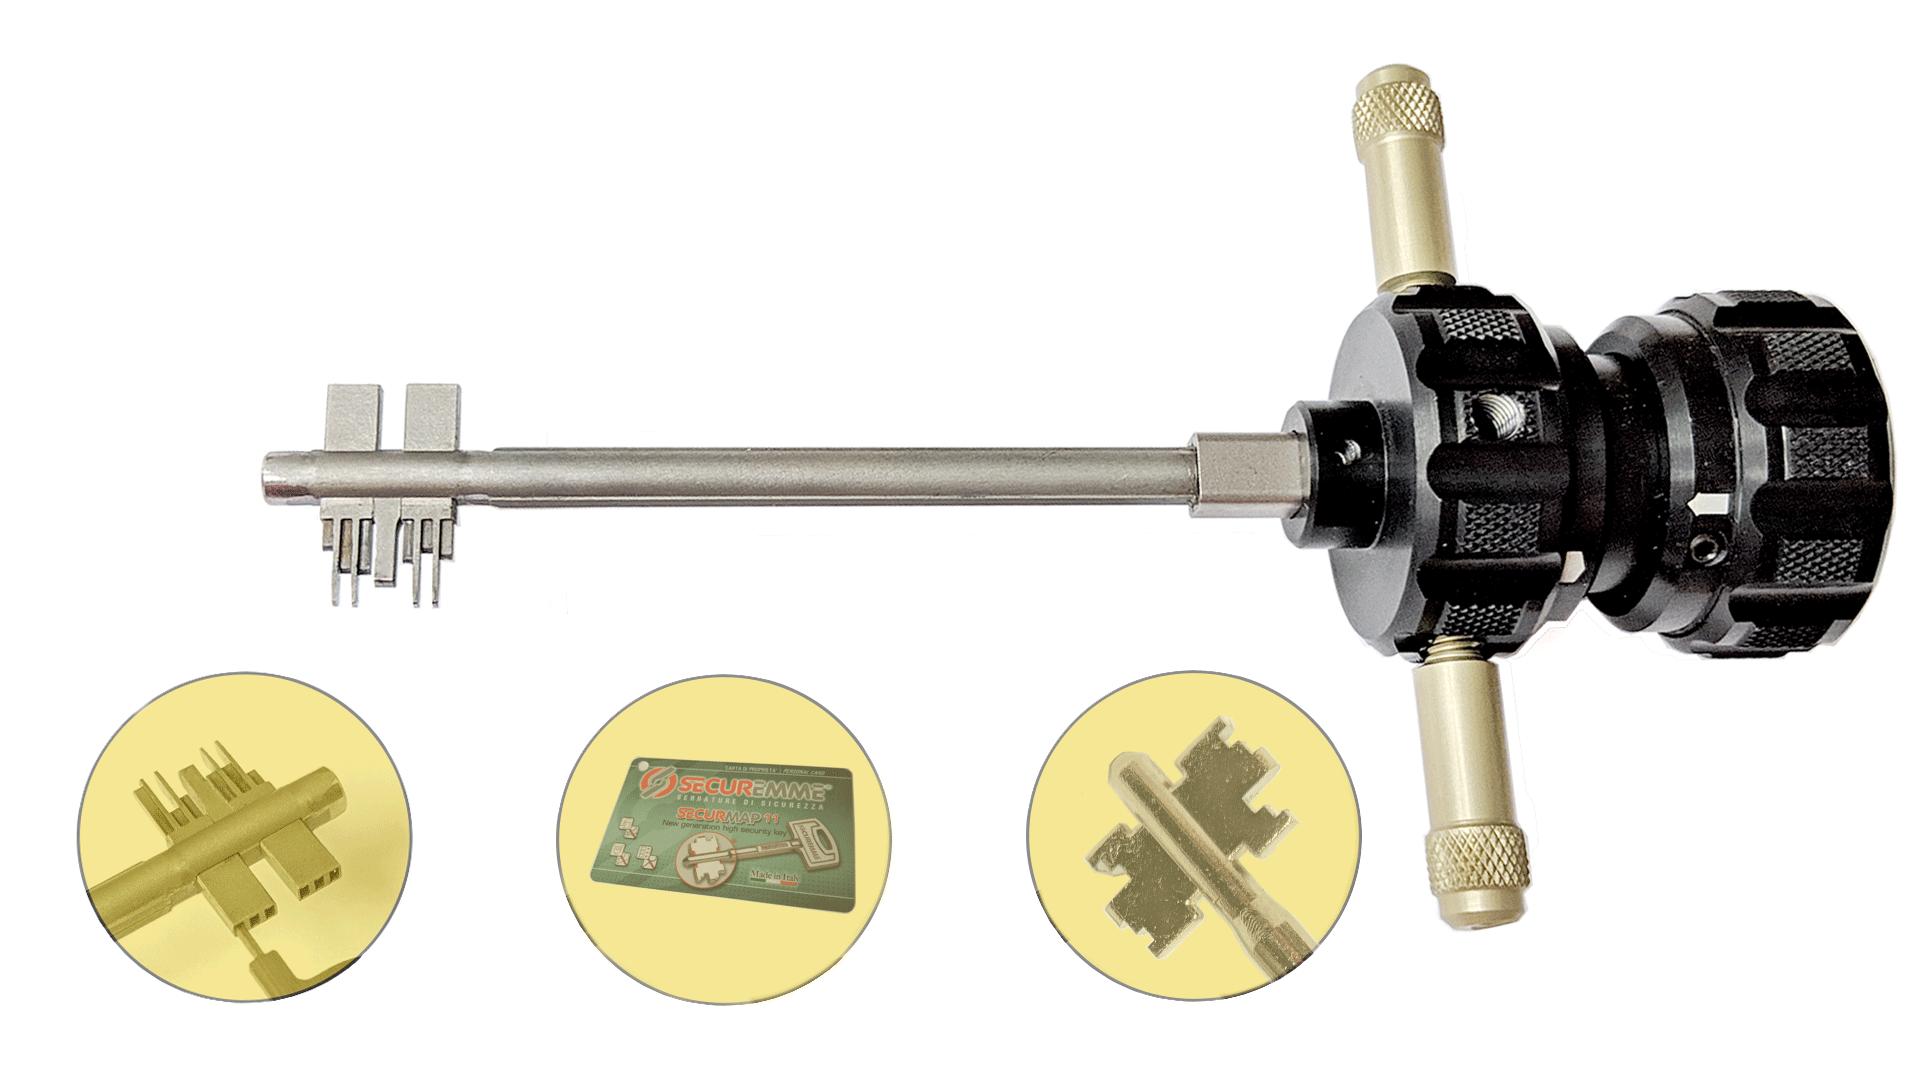 Prodecoder Automatic Securemme 3x3 securmap